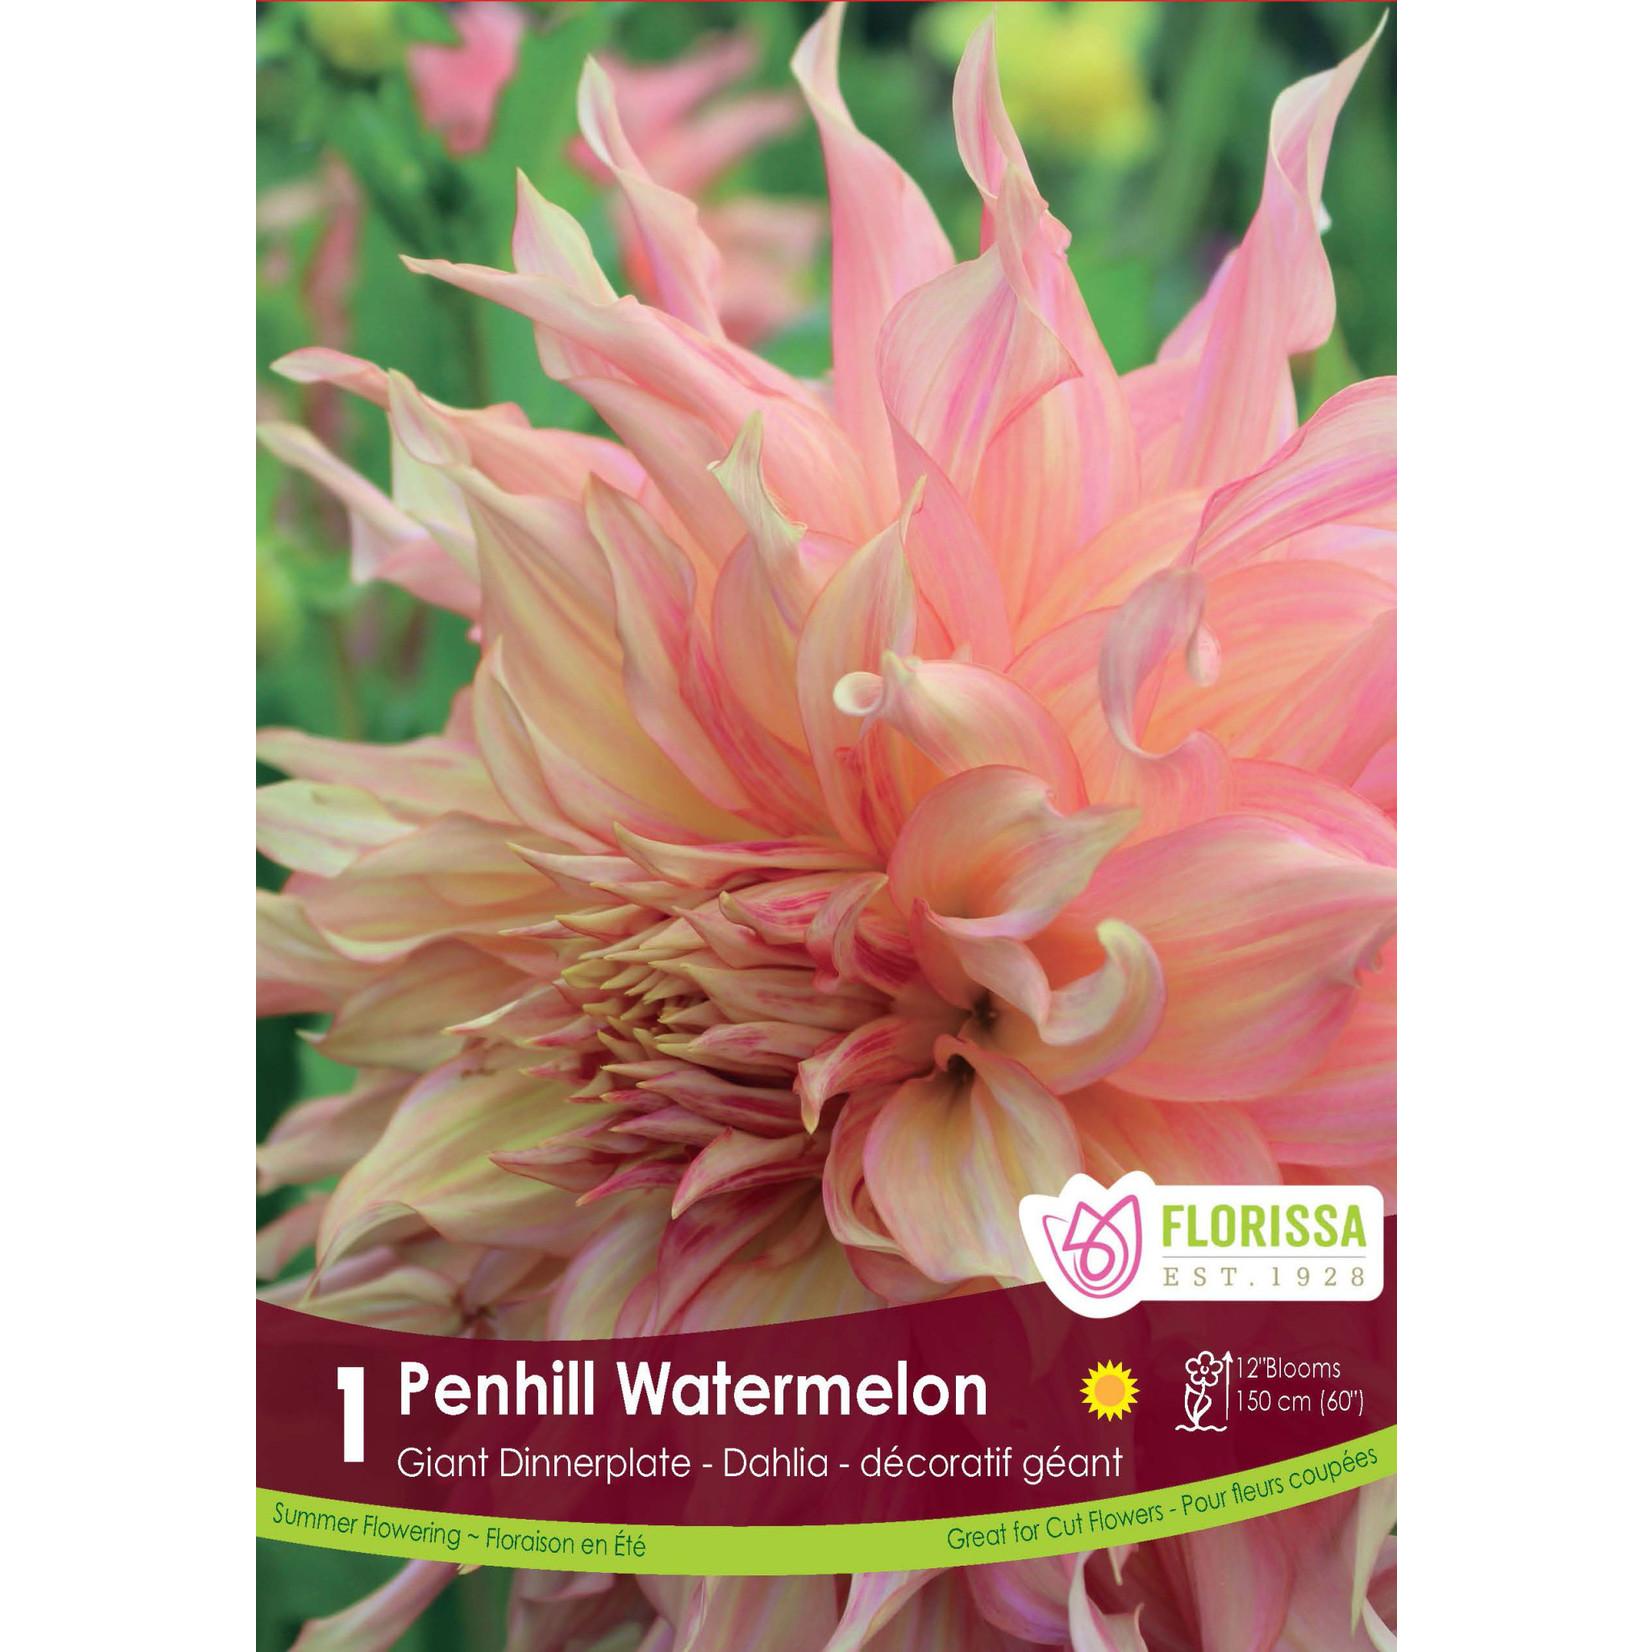 Giant Dinnerplate Dahlia (bulb pkg) Penhill Watermelon (1 bulb)